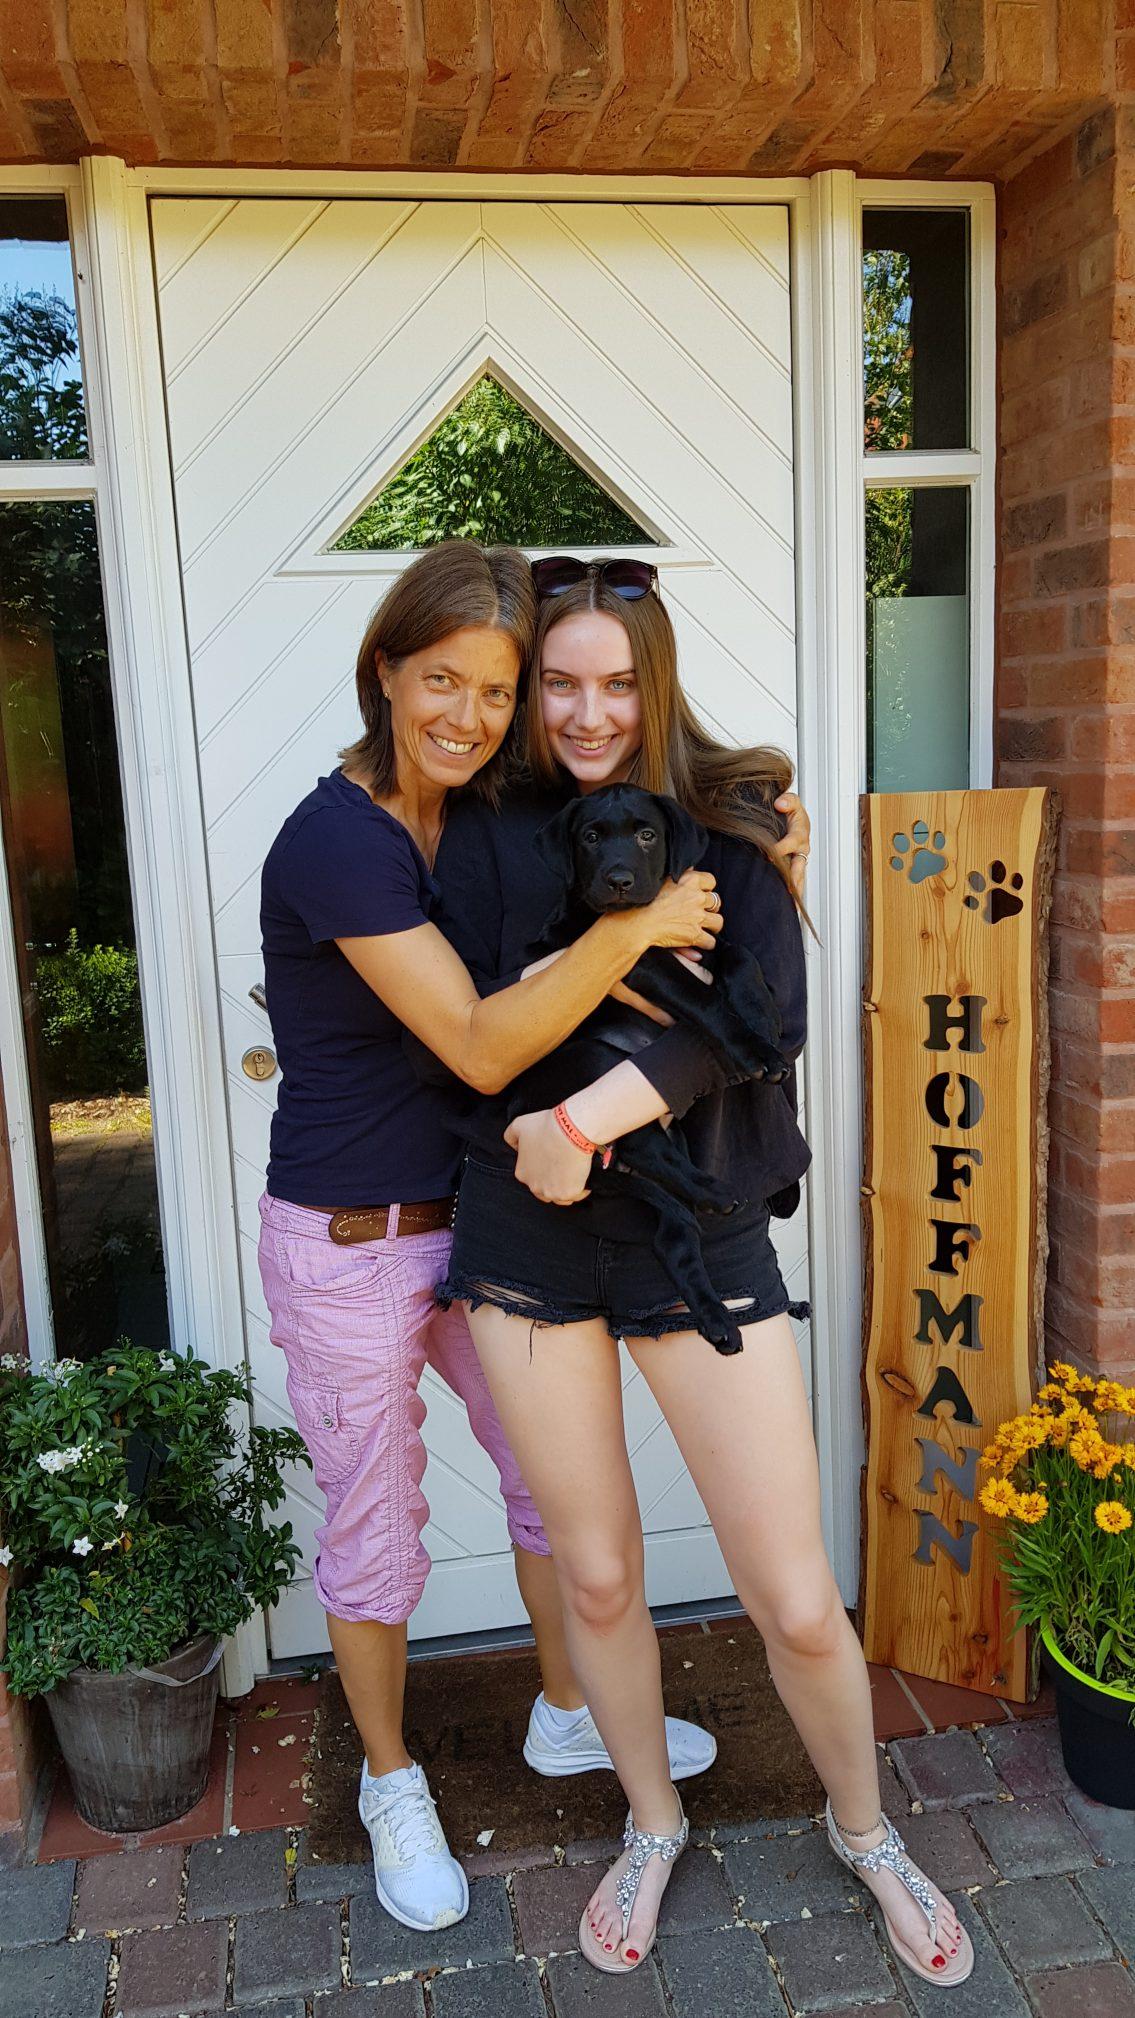 Lio wohnt nun in der Hansestadt Hamburg. Lio wird Schulhund. Seinen Ausgleich wird er im Dummysport finden.